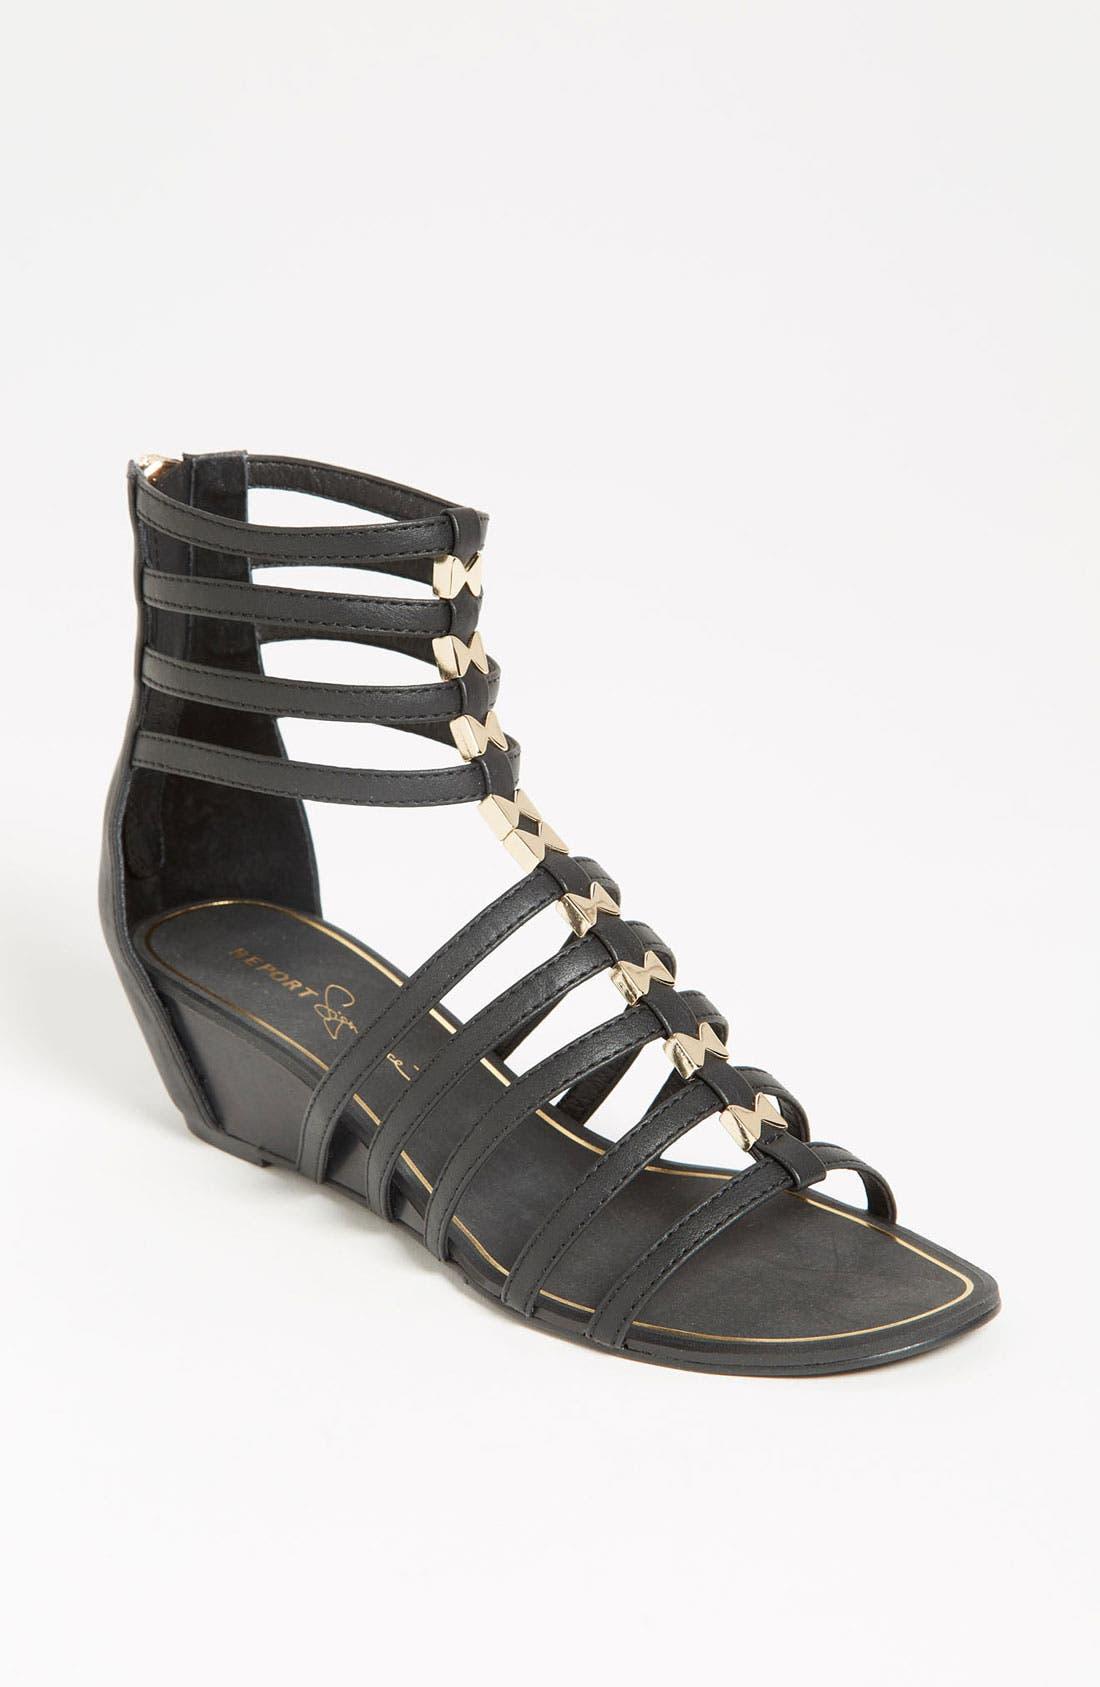 Alternate Image 1 Selected - REPORT Signature 'Meliza' Sandal